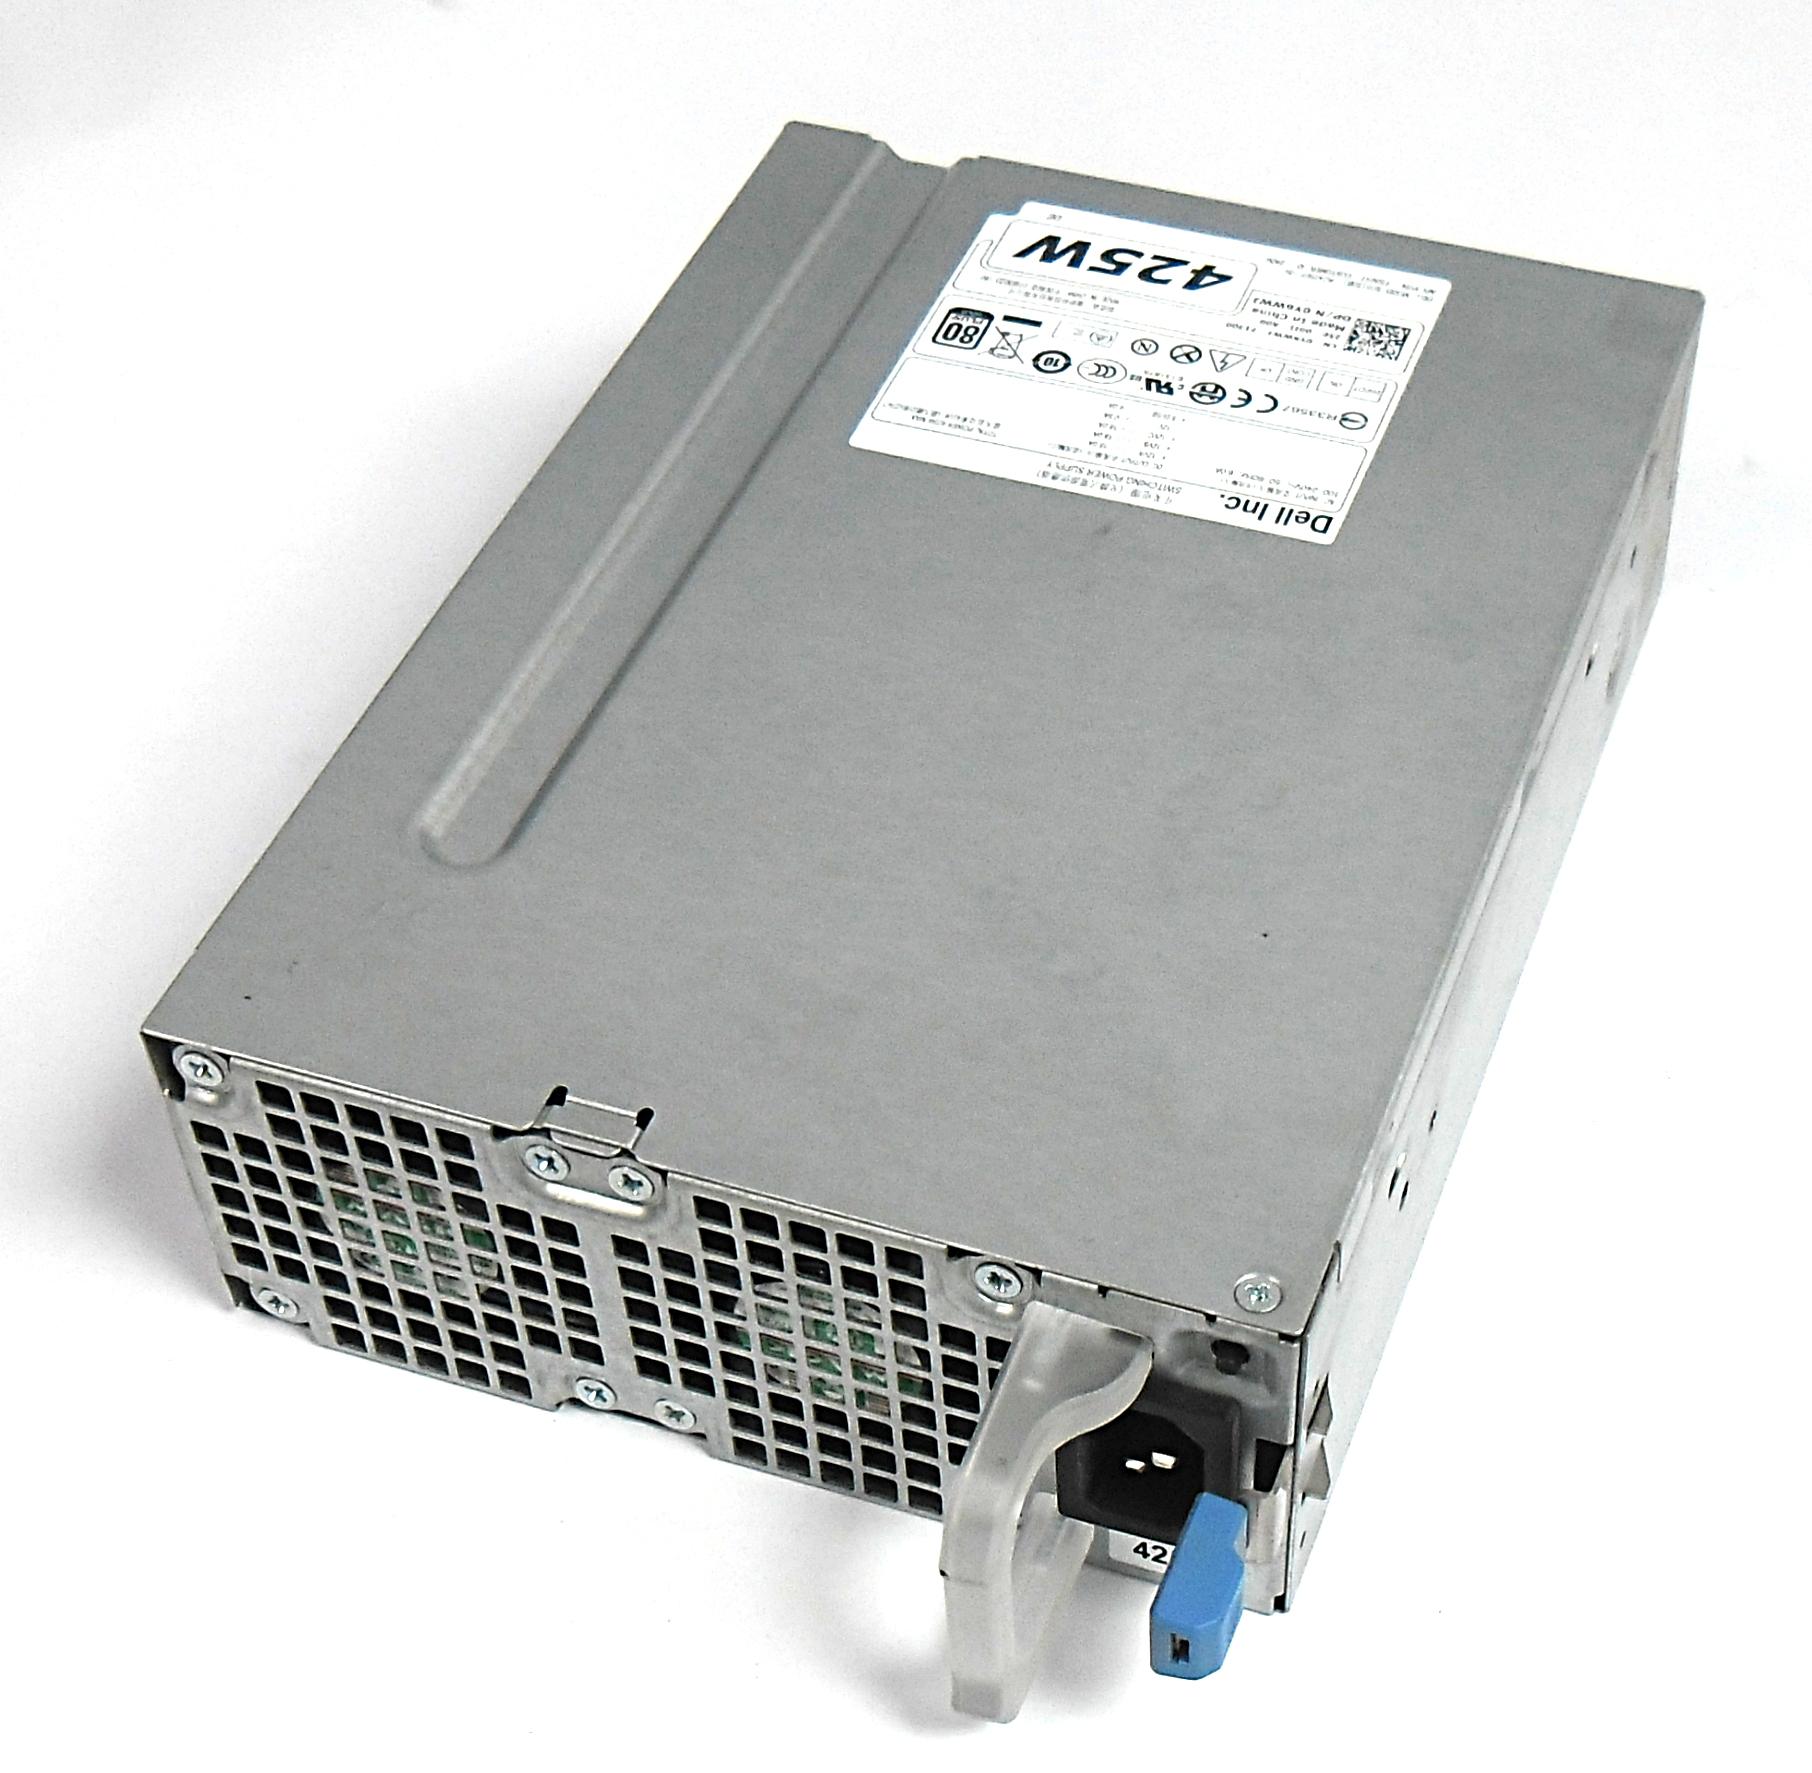 Dell Power Supply Y6WWJ 425W